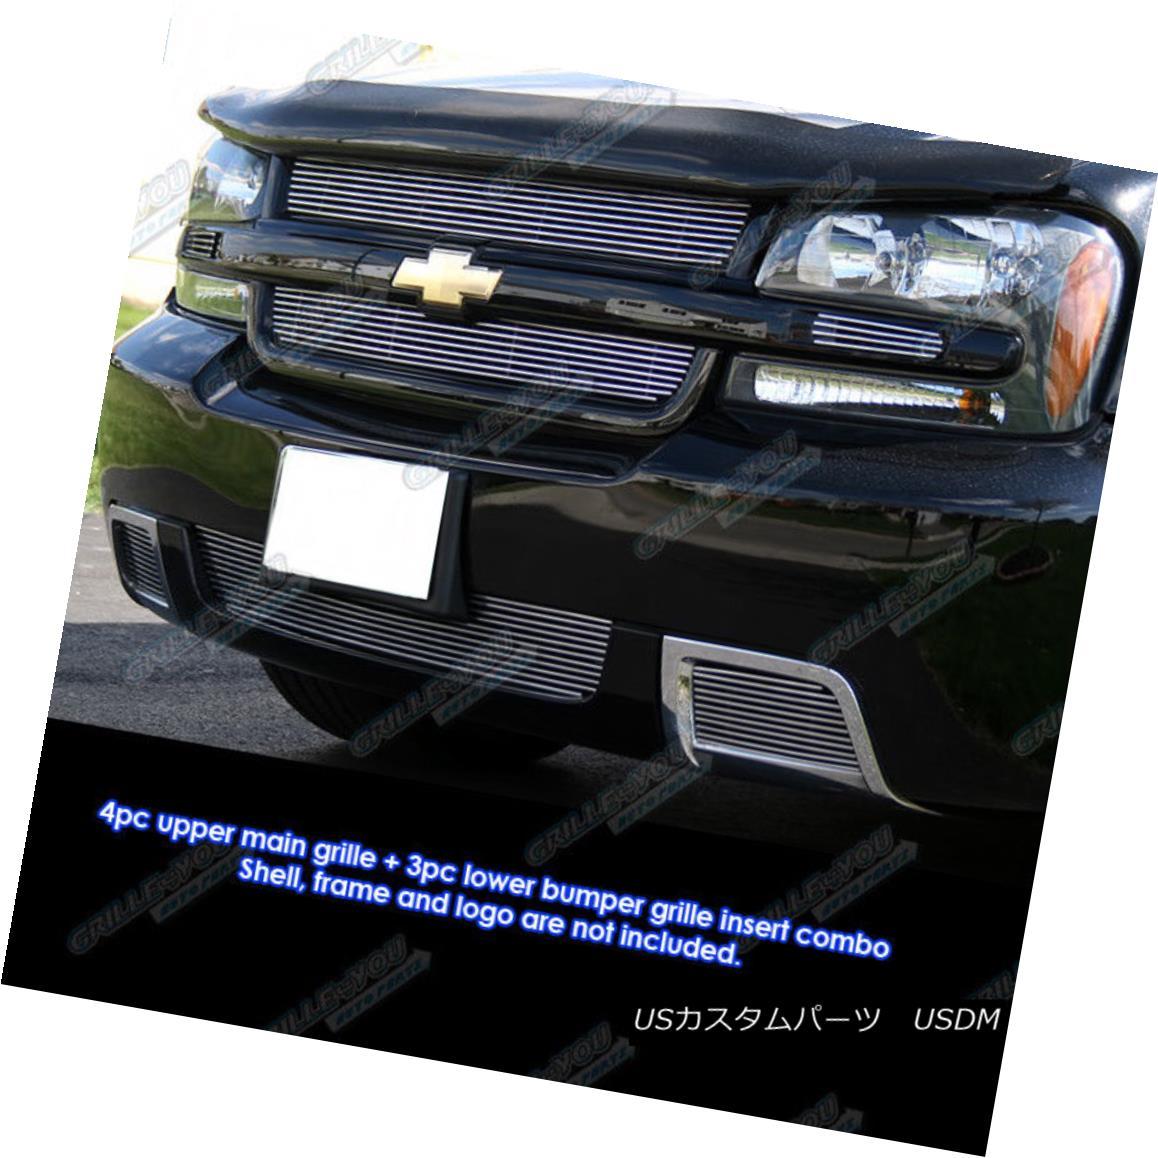 グリル Fits 2006-2009 Chevy Trailblazer SS Aluminum Grille Combo 2006-2009シボレートレイルブレイザーSSアルミグリルコンボに合う